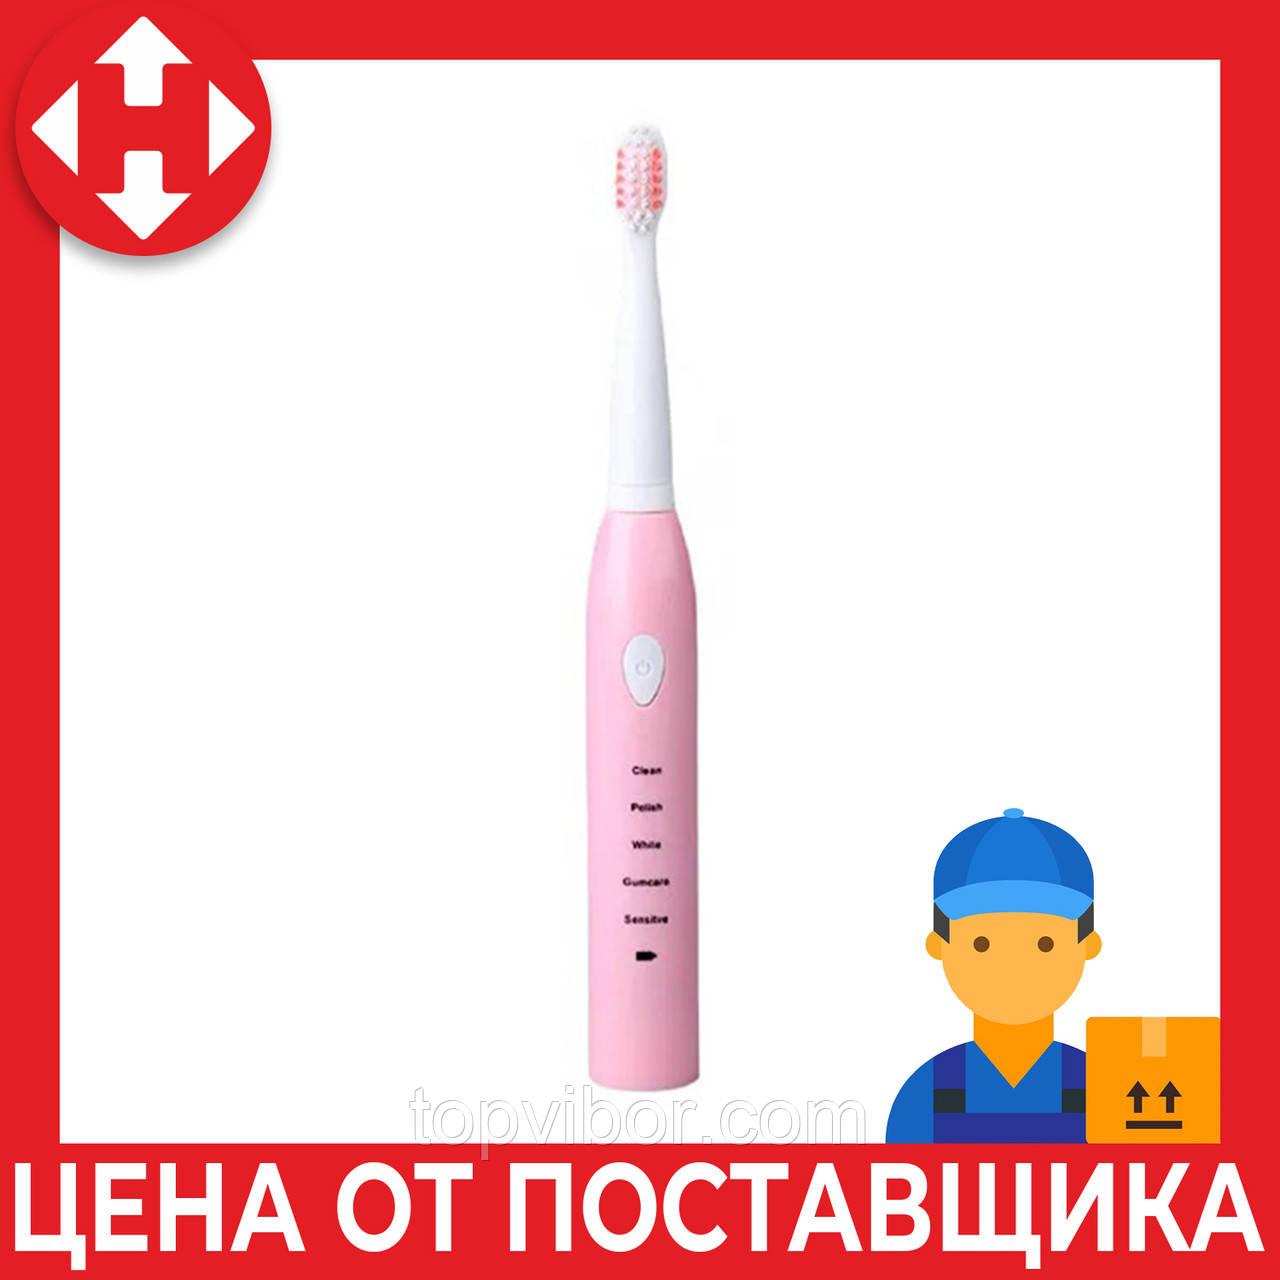 Электрощетка электрическая зубная щетка со сменными насадками от USB Phyopus для детей и взрослых розовая